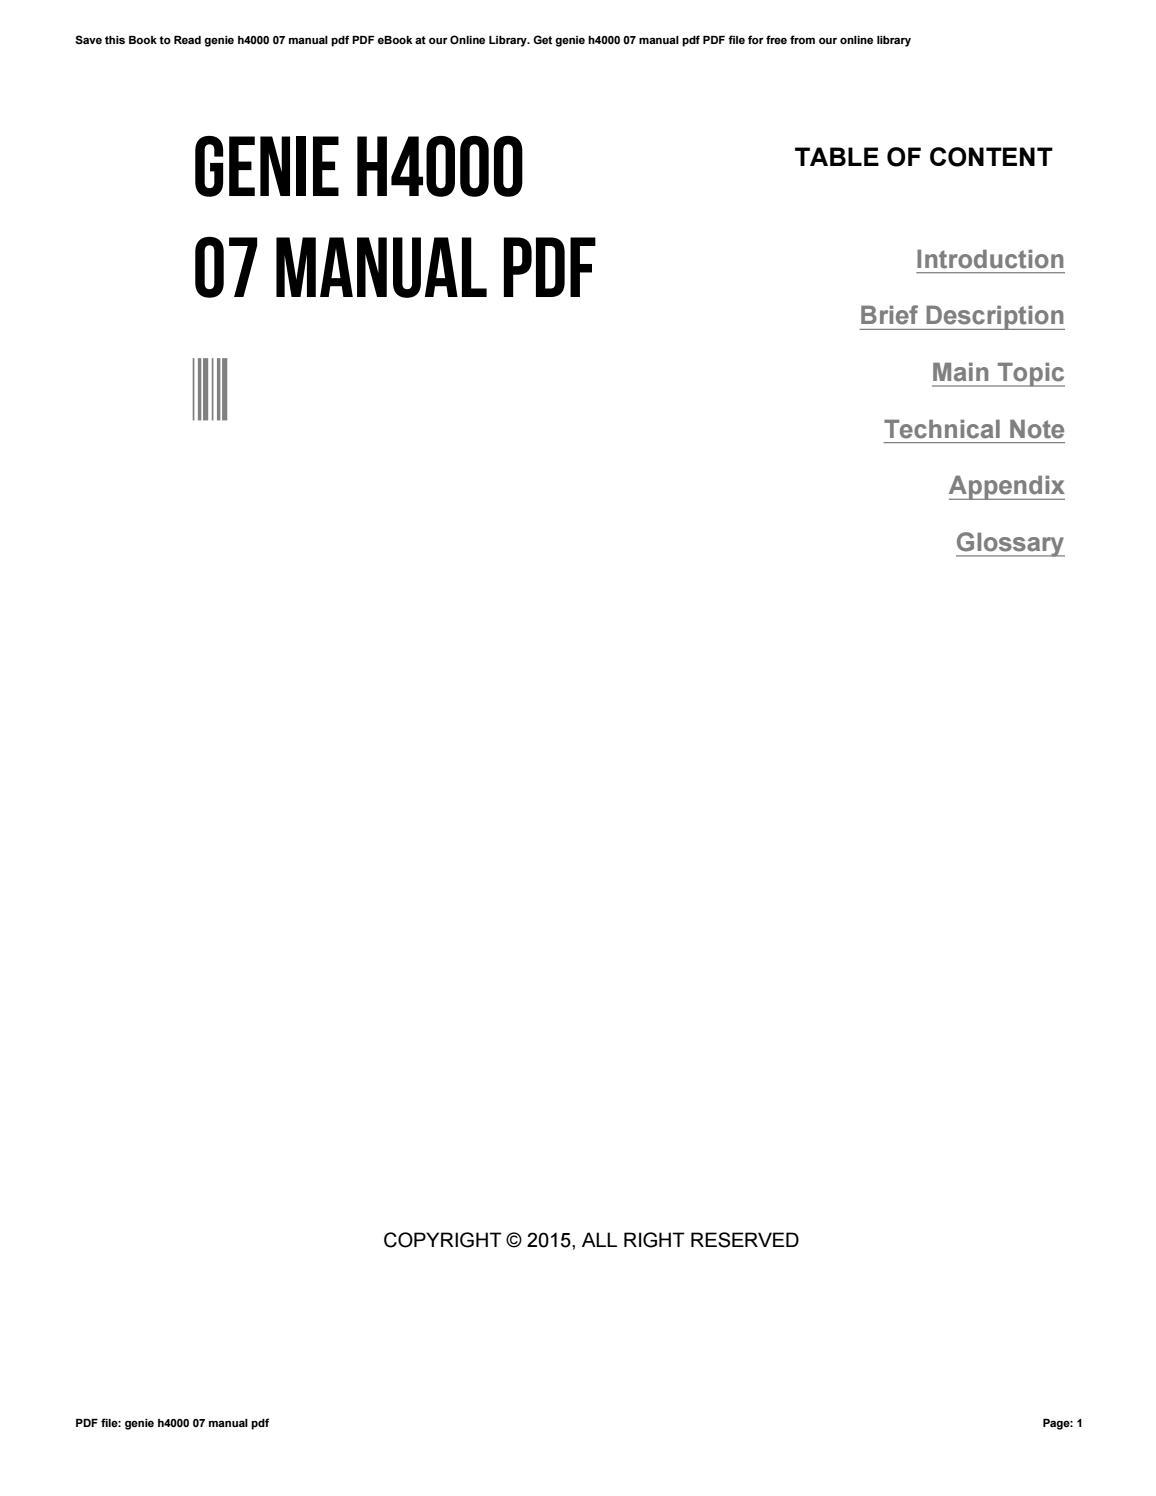 genie h4000 07 user guide online user manual u2022 rh pandadigital co genie 1/2 hp model h4000-07 manual Genie H4000-07 Wiring-Diagram